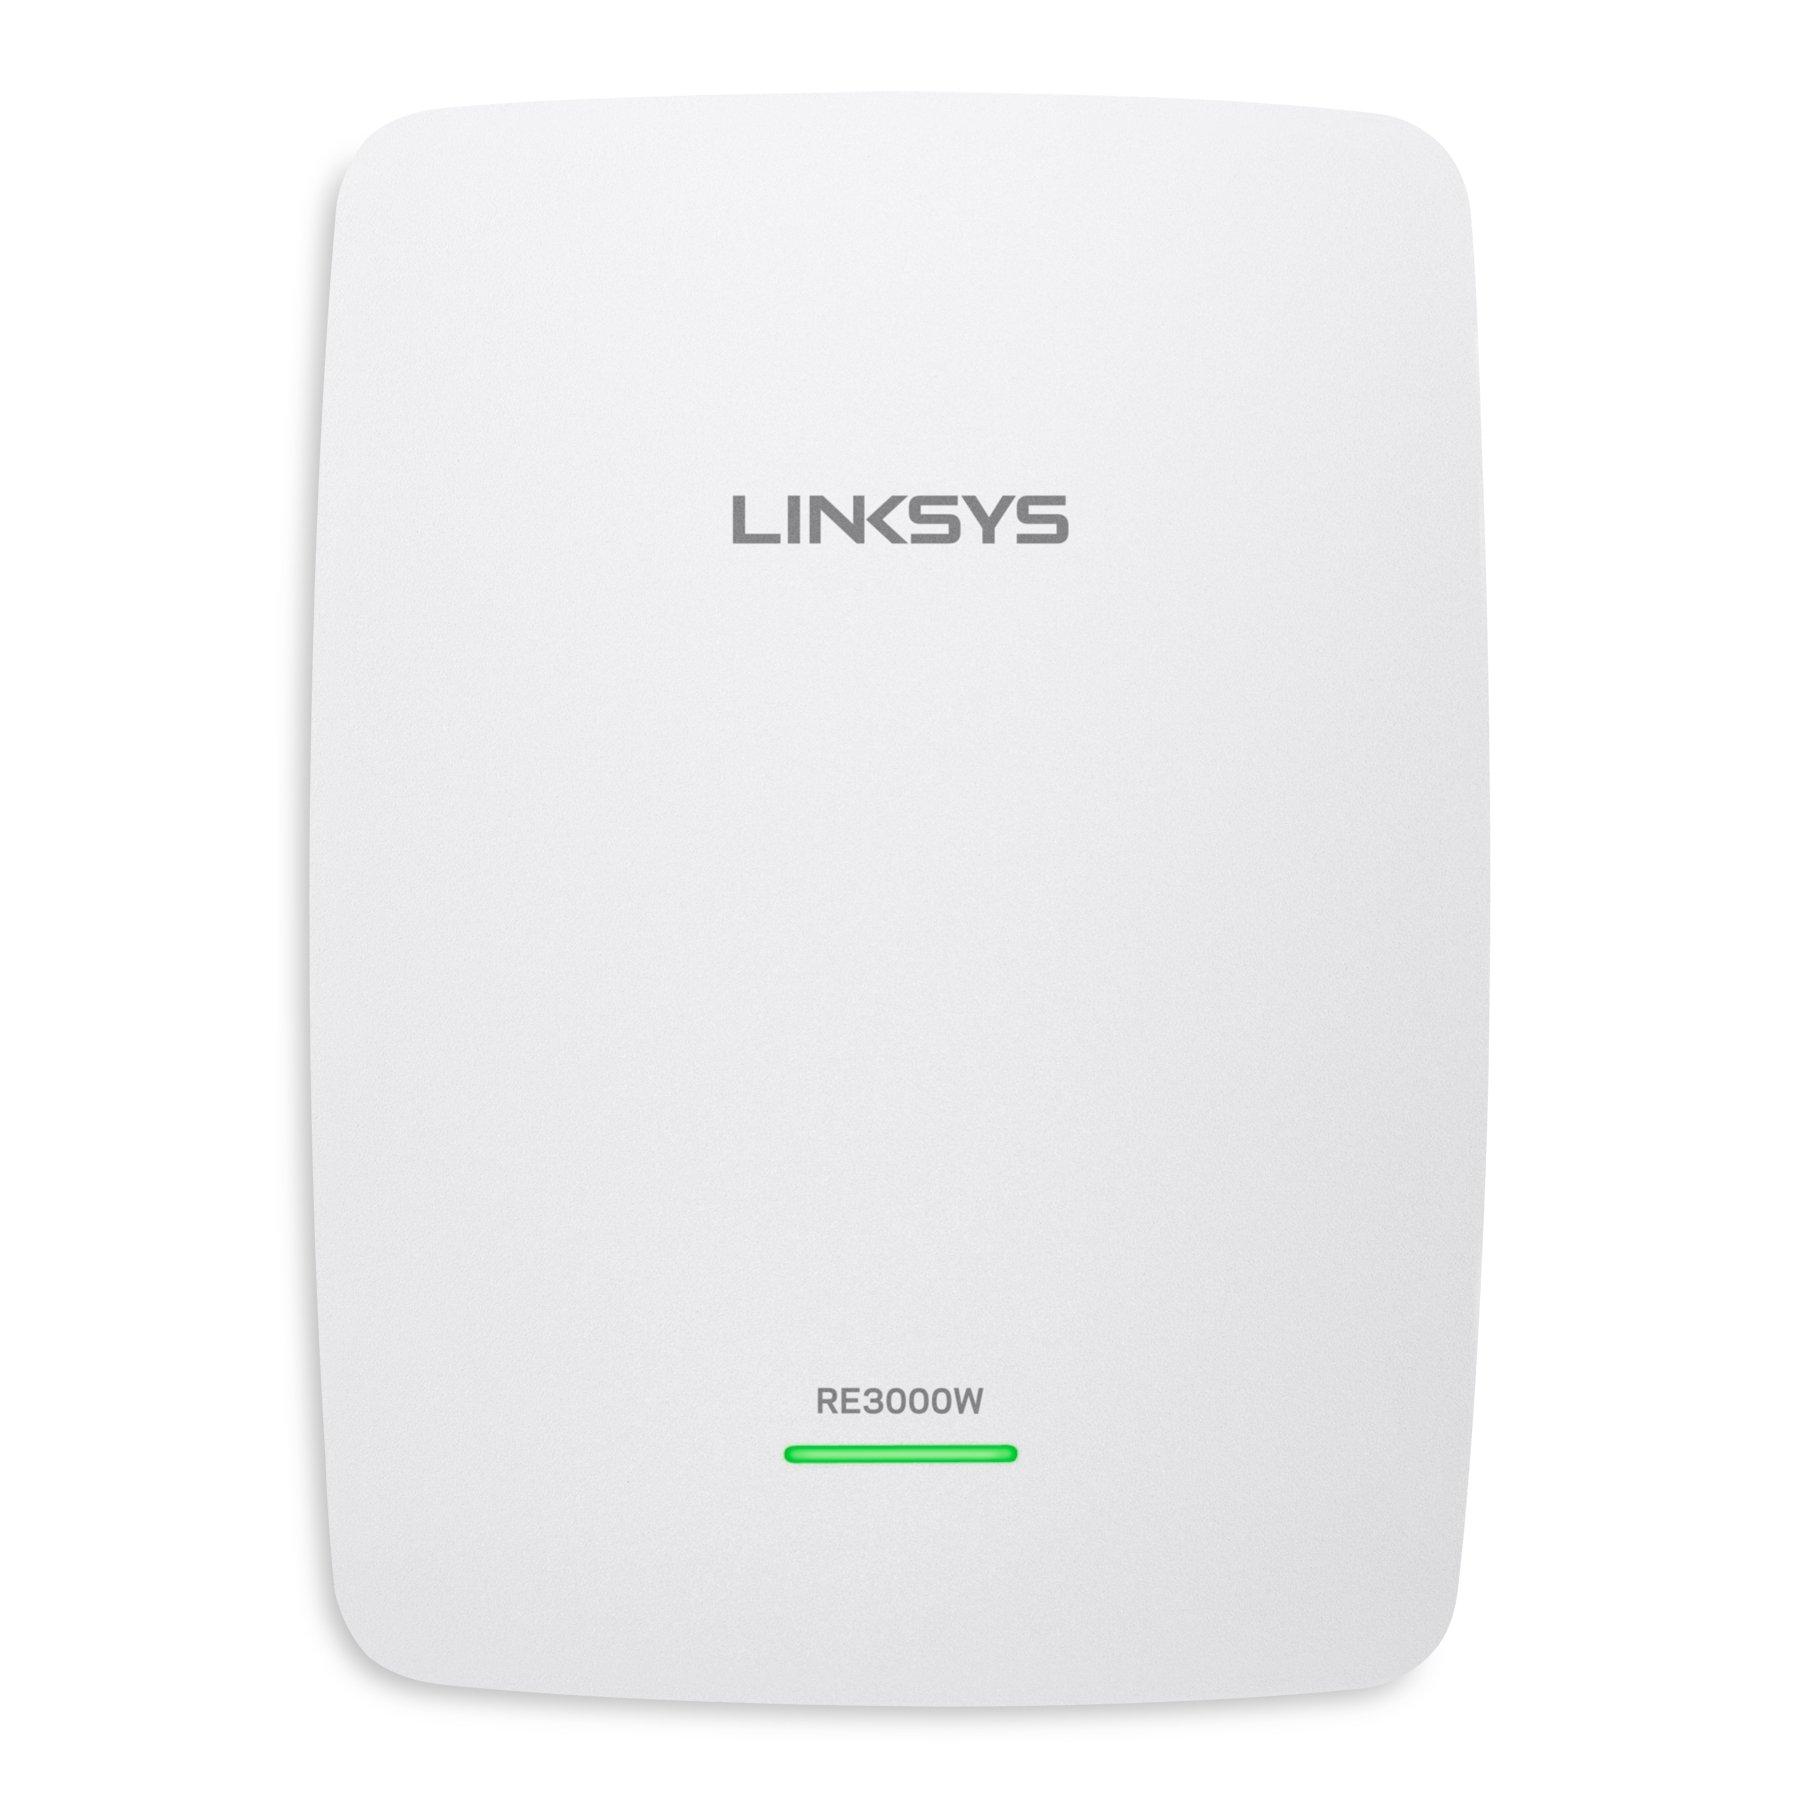 Linksys RE3000W N300 Wi-Fi Range Extender (RE3000W) by Linksys